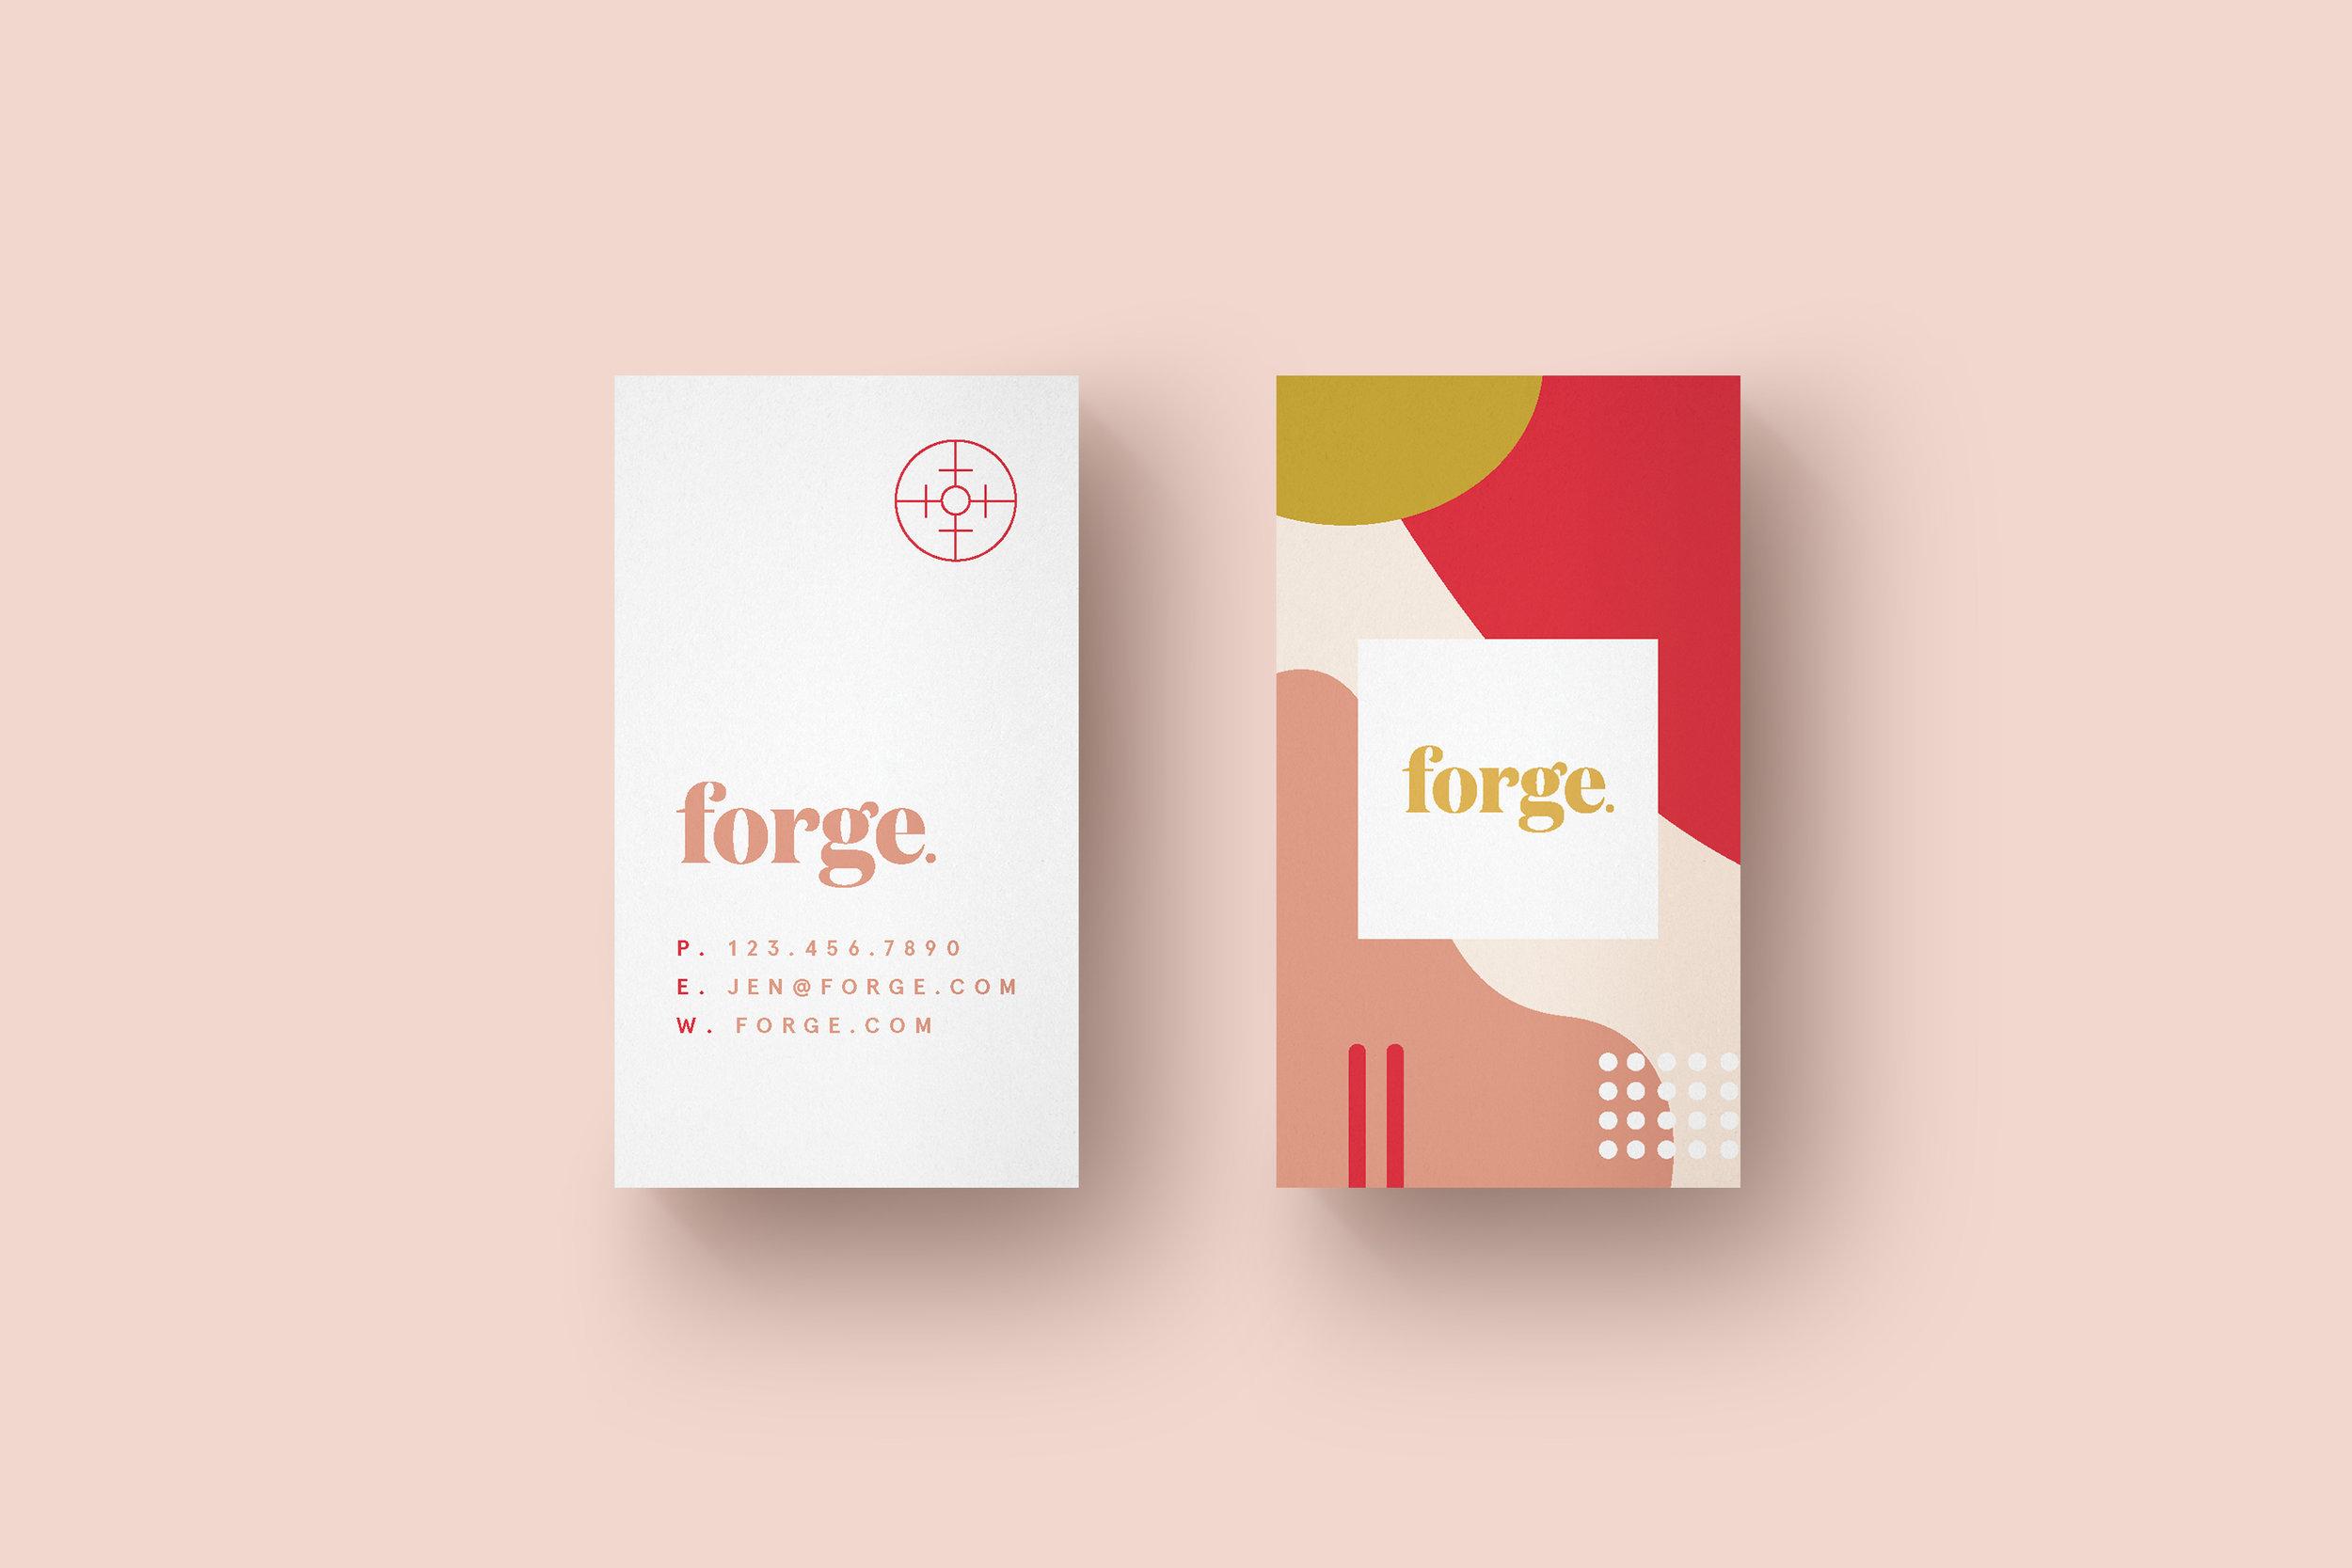 Forge-mockup.jpg